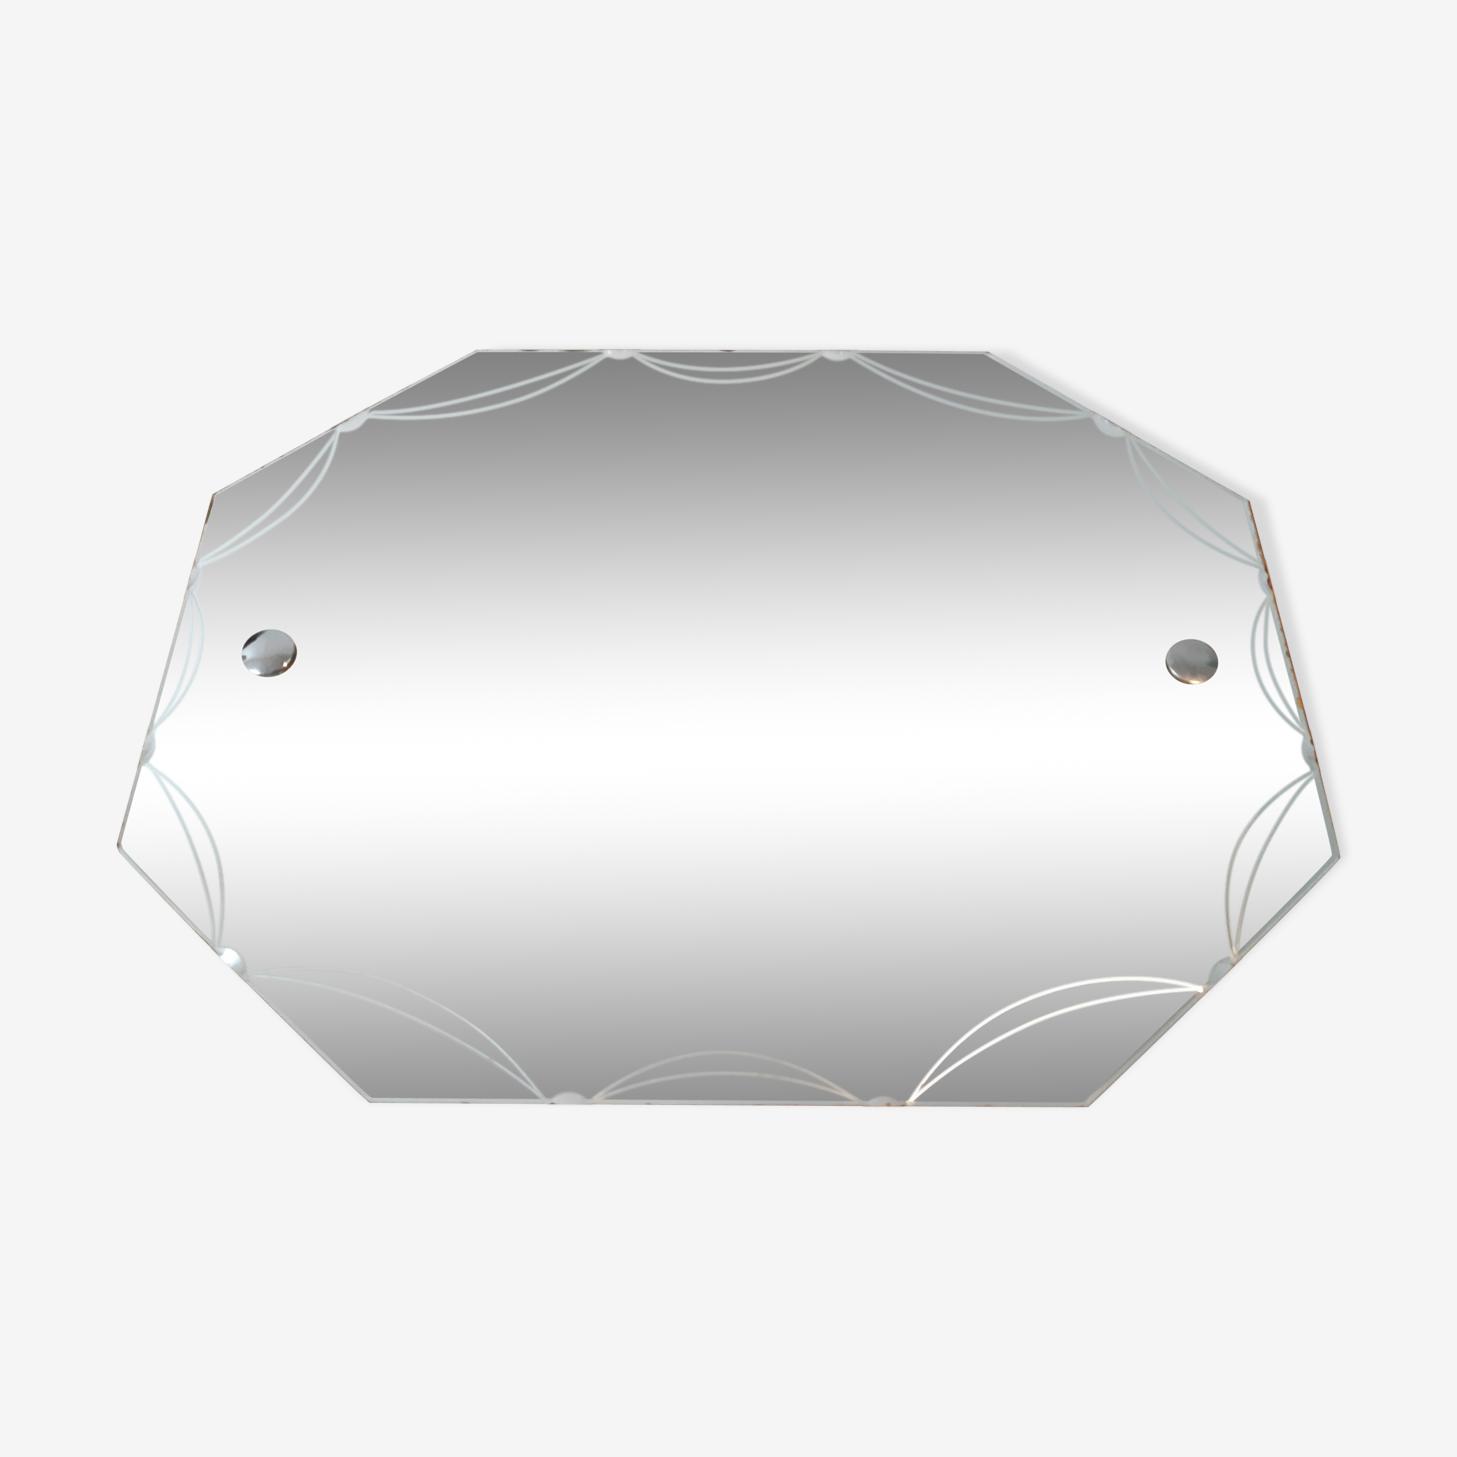 Miroir octogonal biseauté gravé 51x39cm